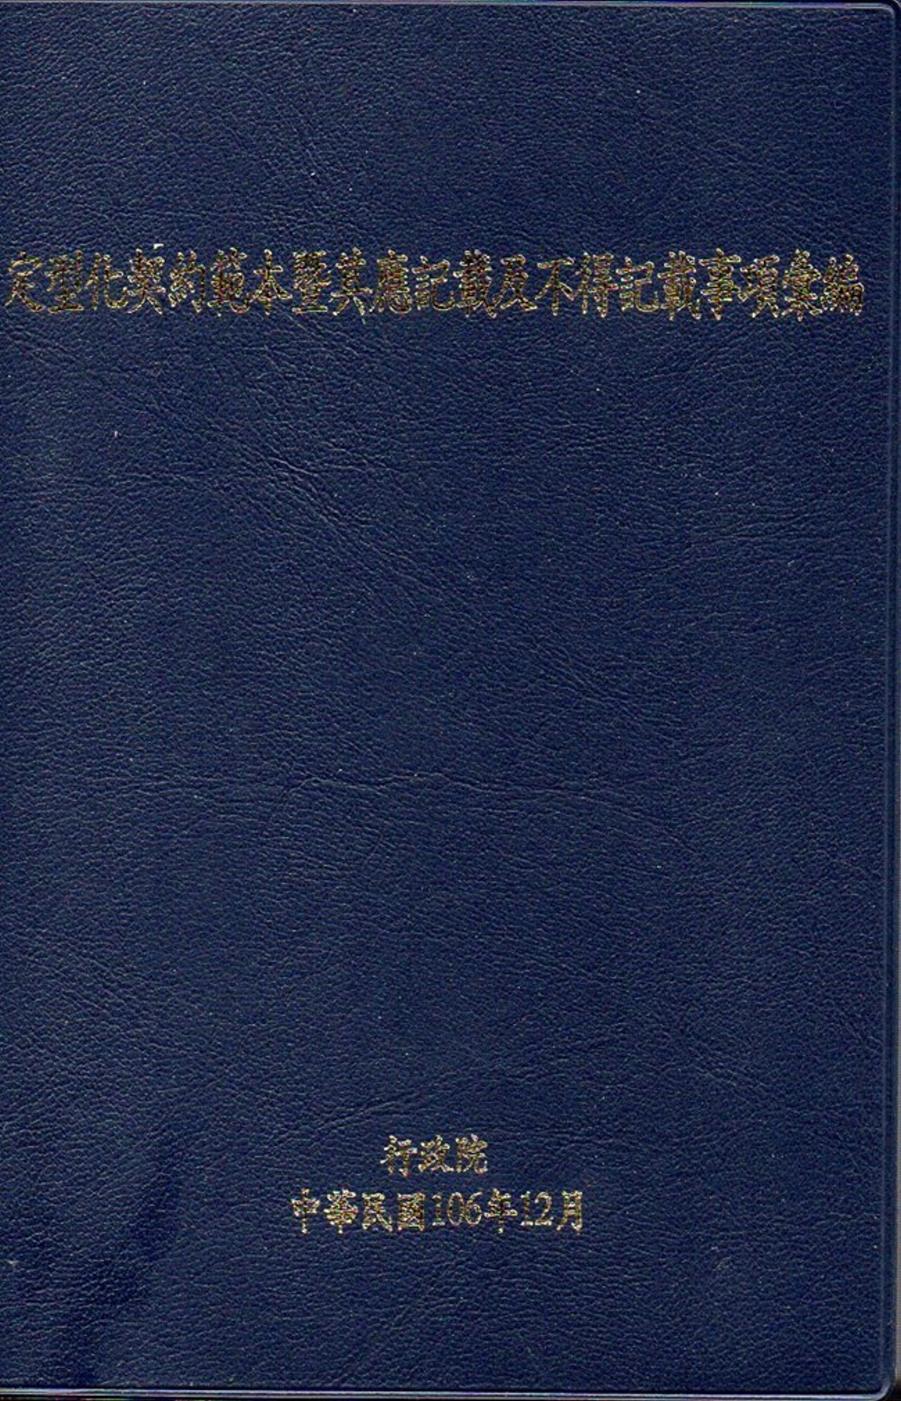 定型化契約範本暨其應記載及不得記載事項彙編(修正第十二版)(軟精裝)